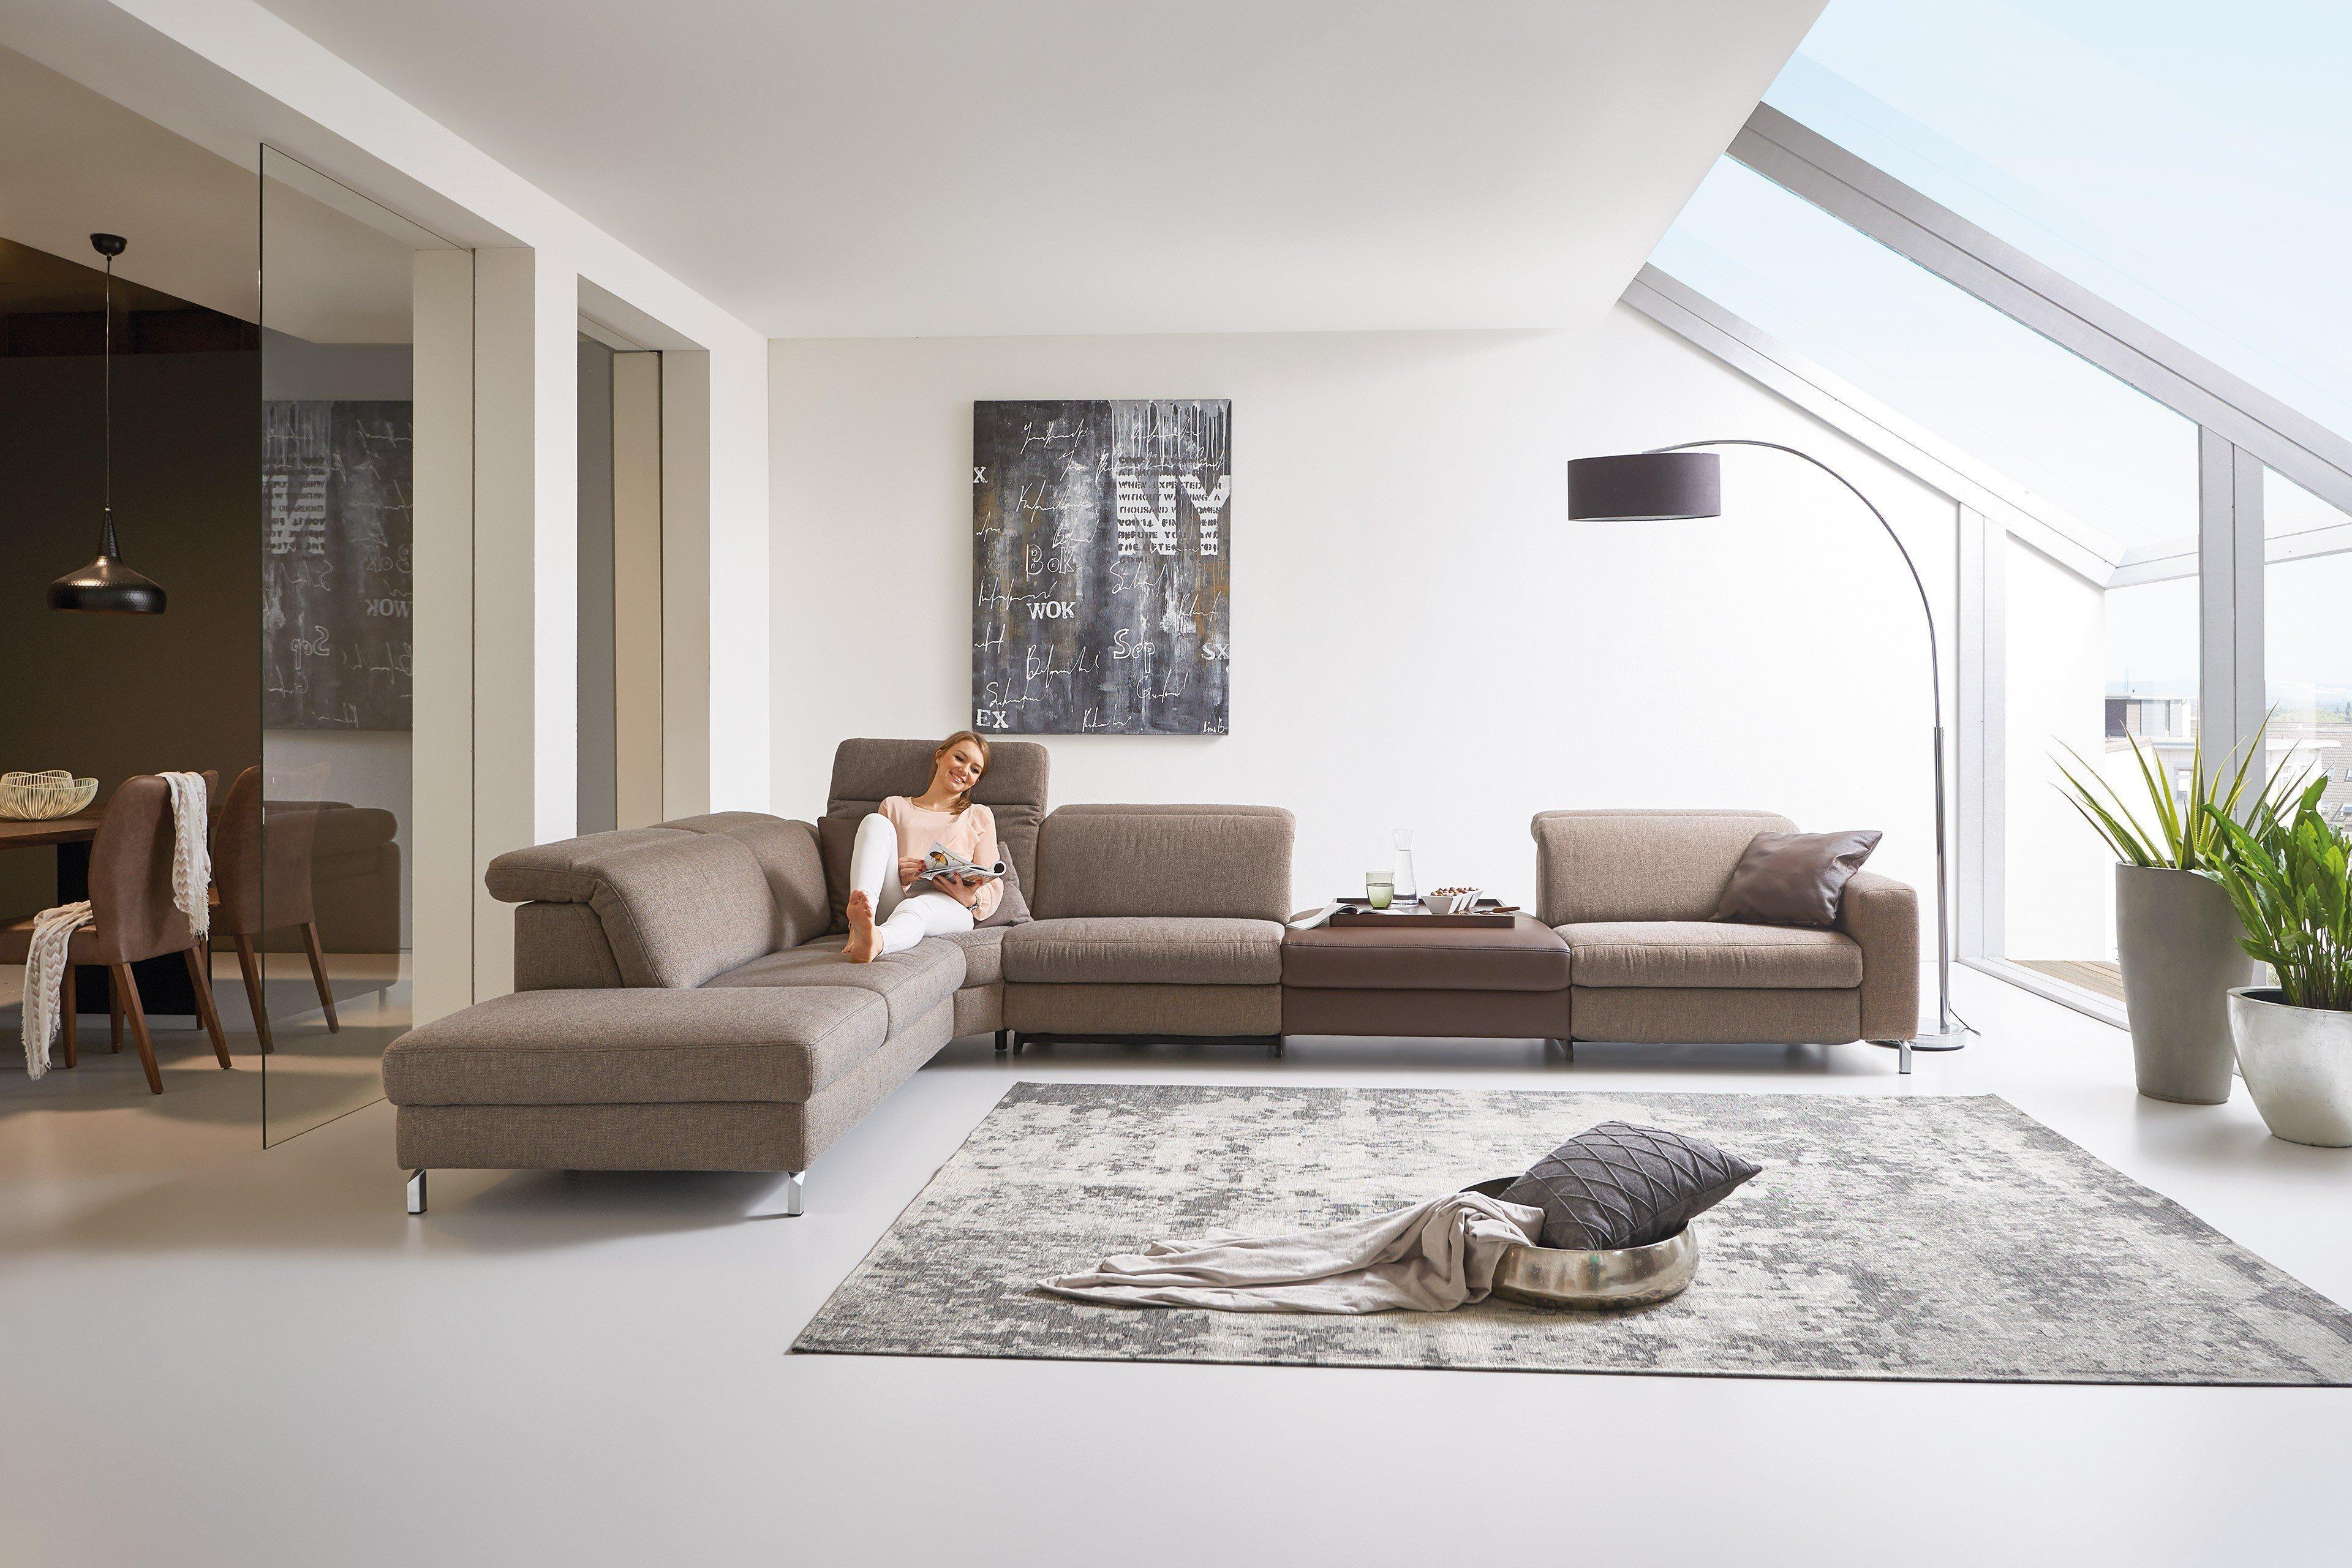 Hukla Springfield Couchgarnitur in Braun | Möbel Letz - Ihr Online-Shop